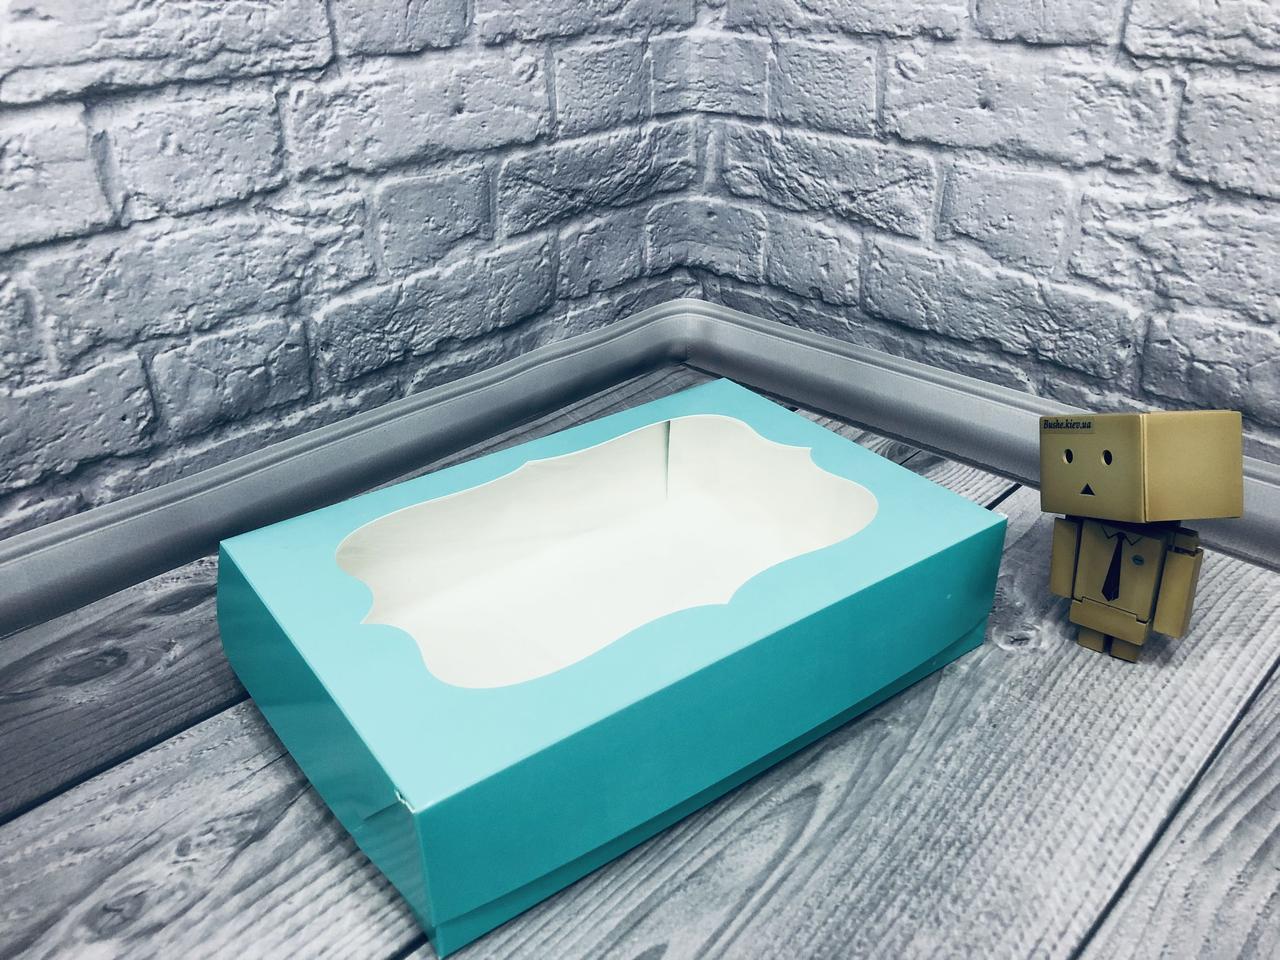 *10 шт* / Коробка под зефир / *h=6* / 250х170х60 мм / печать-Бирюз / окно-обычн